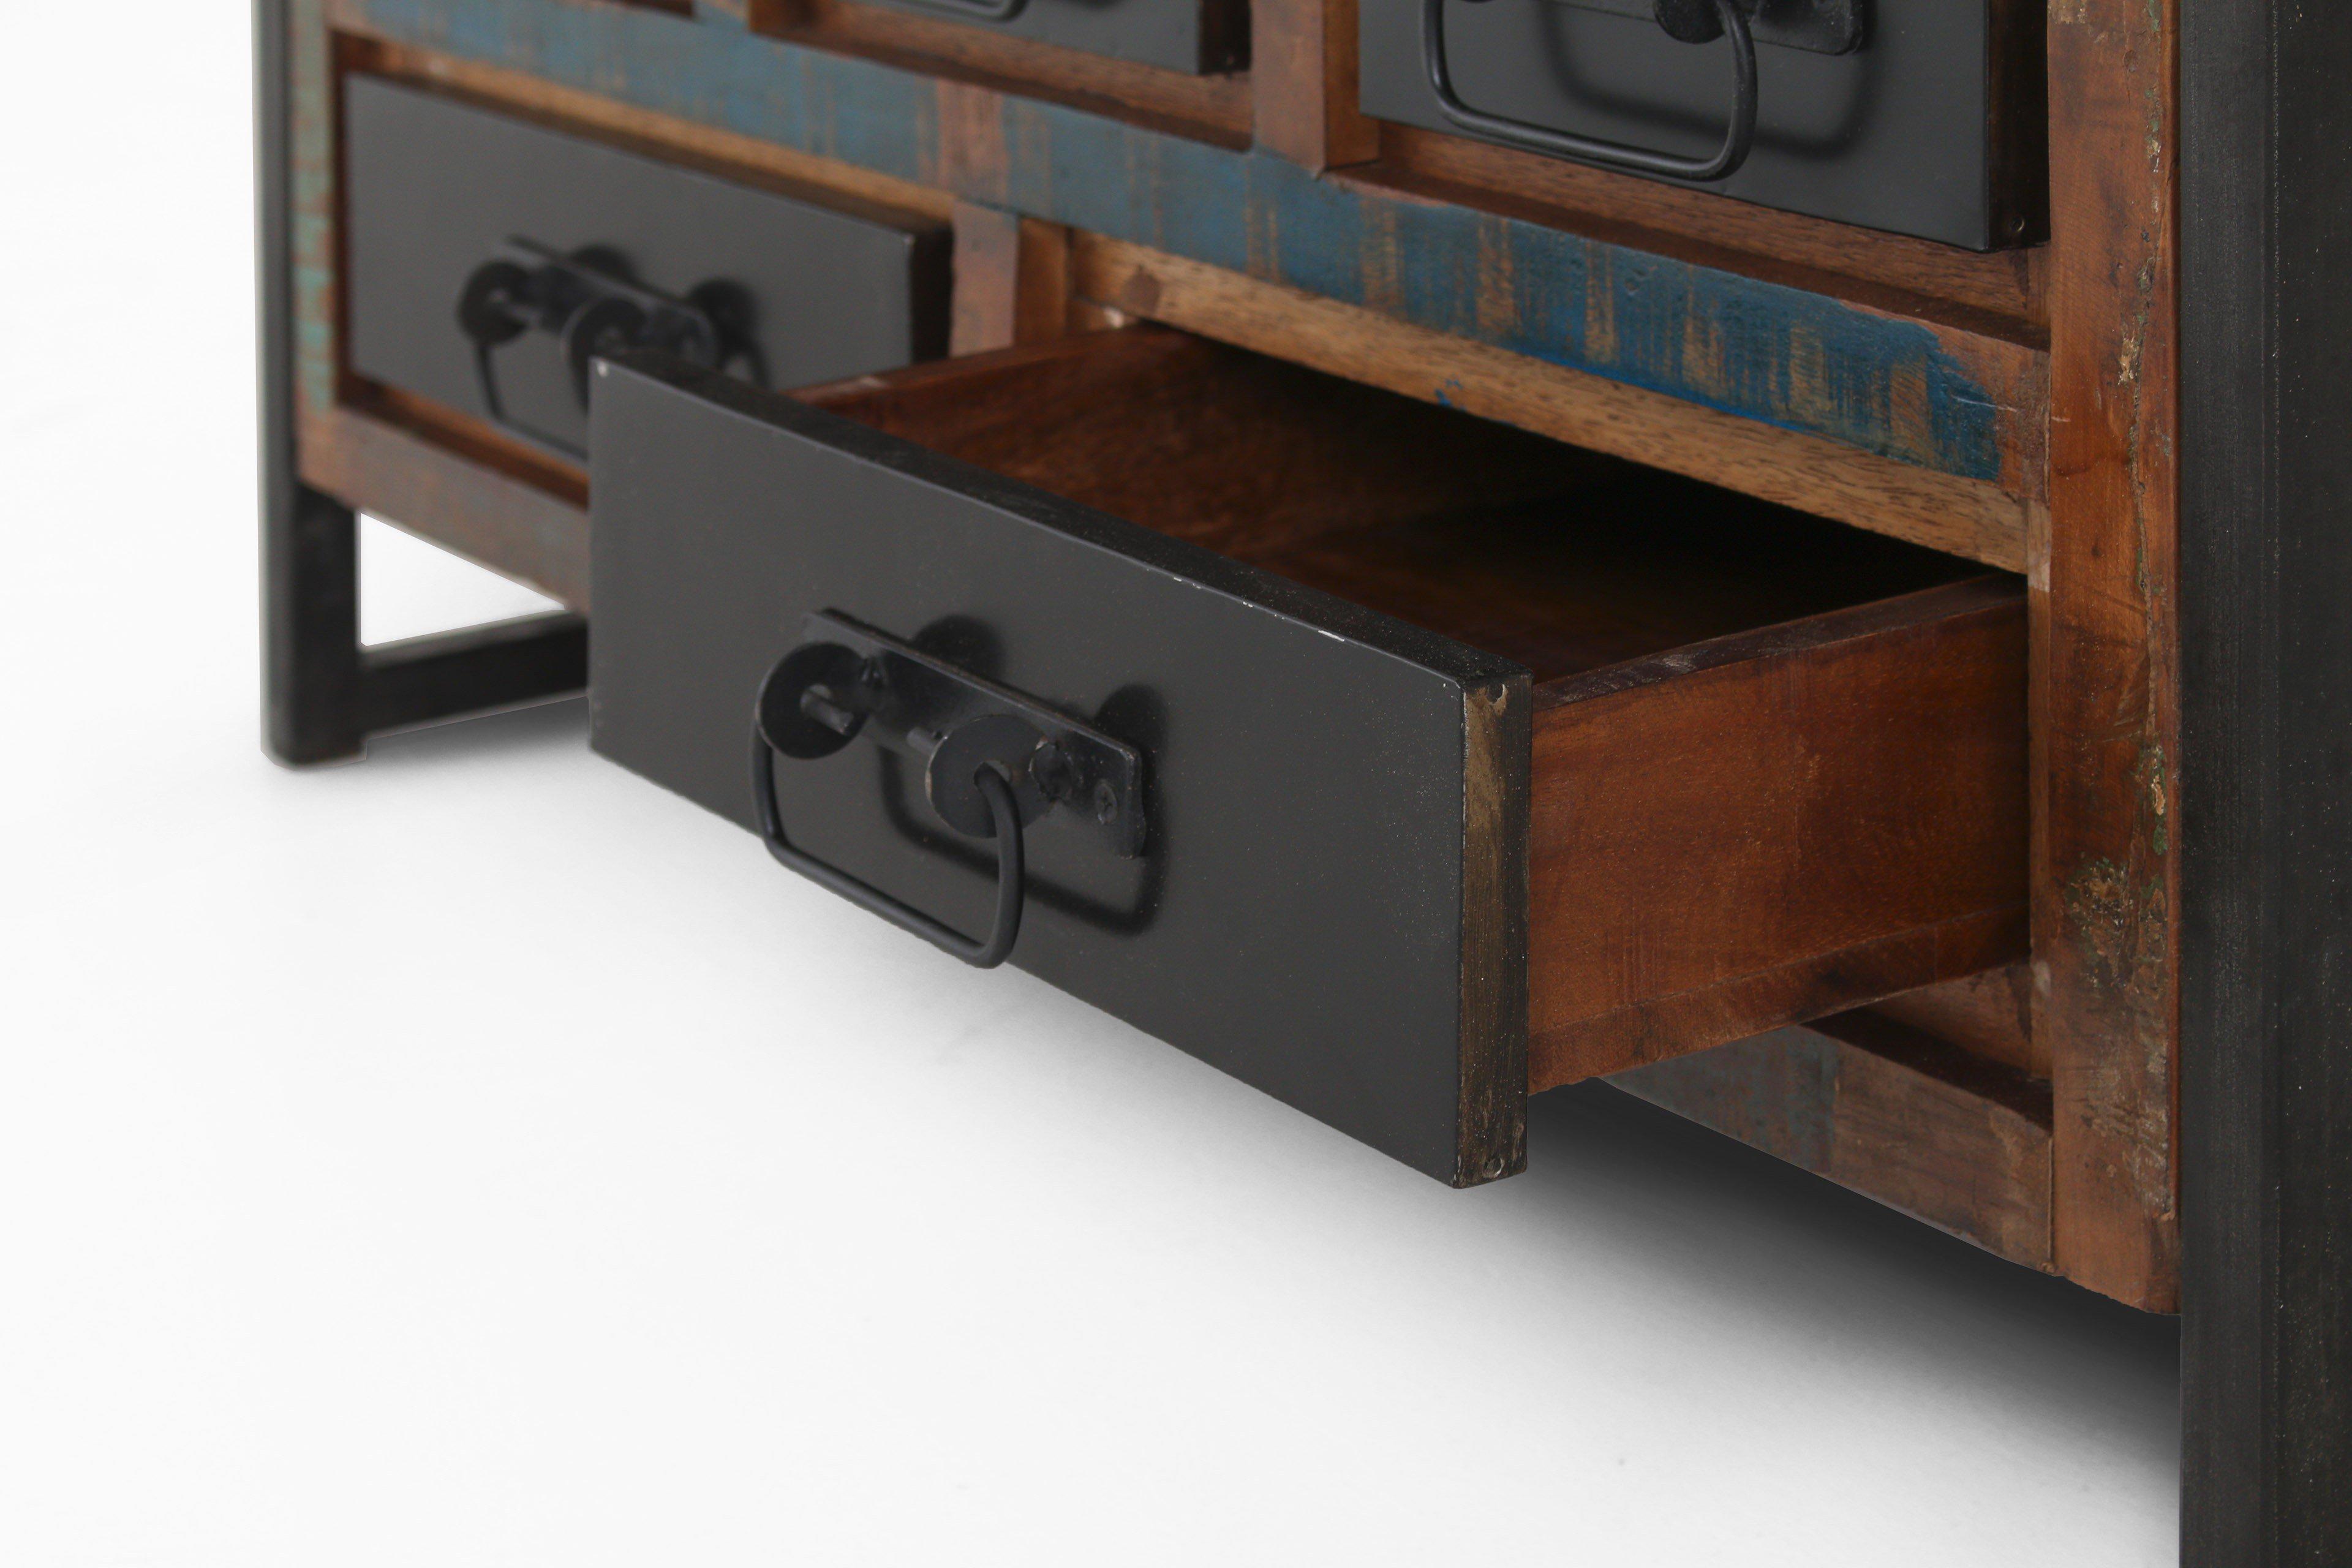 online mbel kaufende awesome free maja mbel maja mbel set grauwei mbel letz ihr online shop x. Black Bedroom Furniture Sets. Home Design Ideas